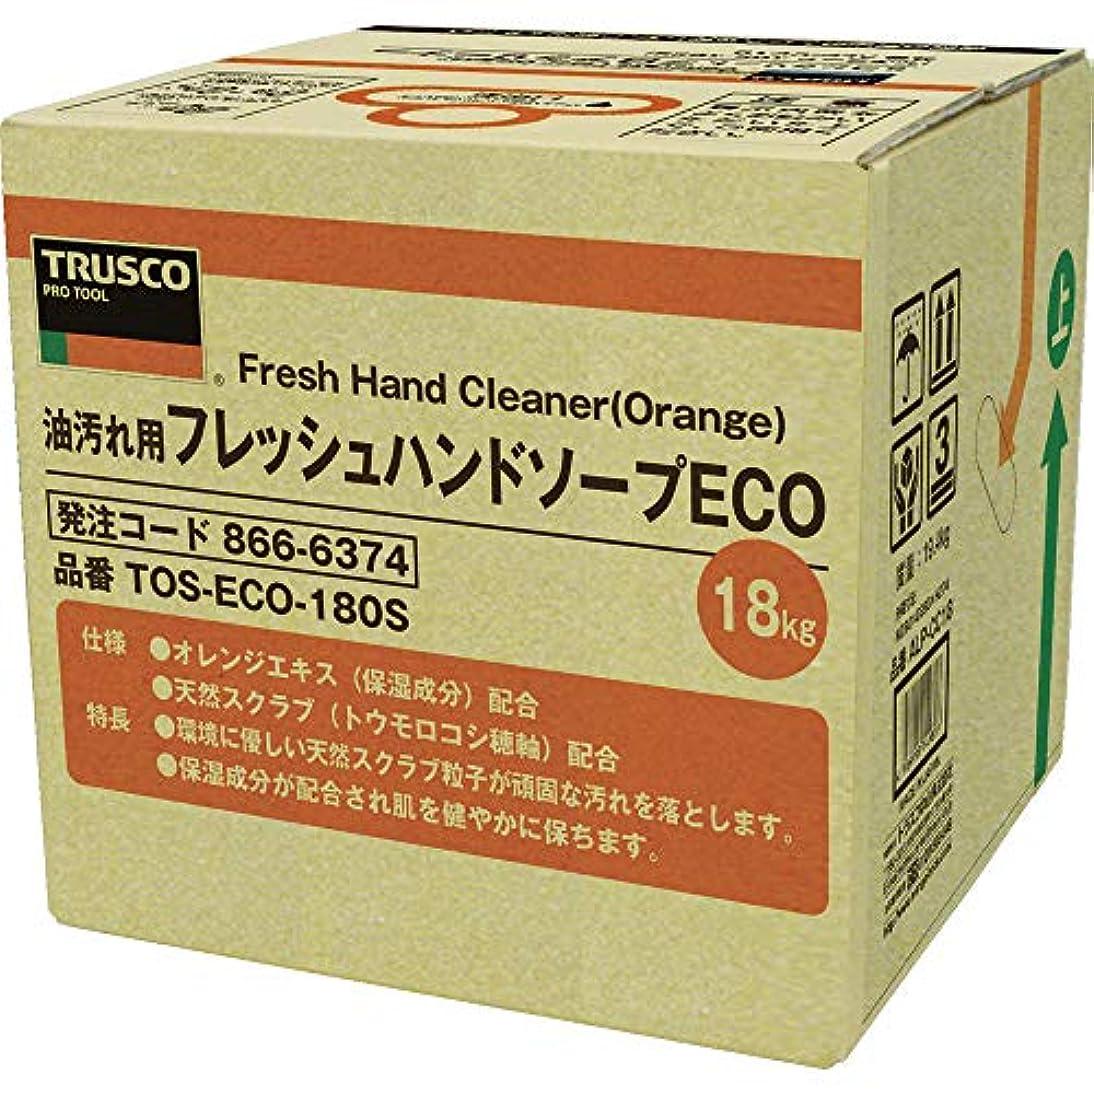 後継泣いている命題TRUSCO(トラスコ) フレッシュハンドソープECO 18L 詰替 バッグインボックス TOSECO180S